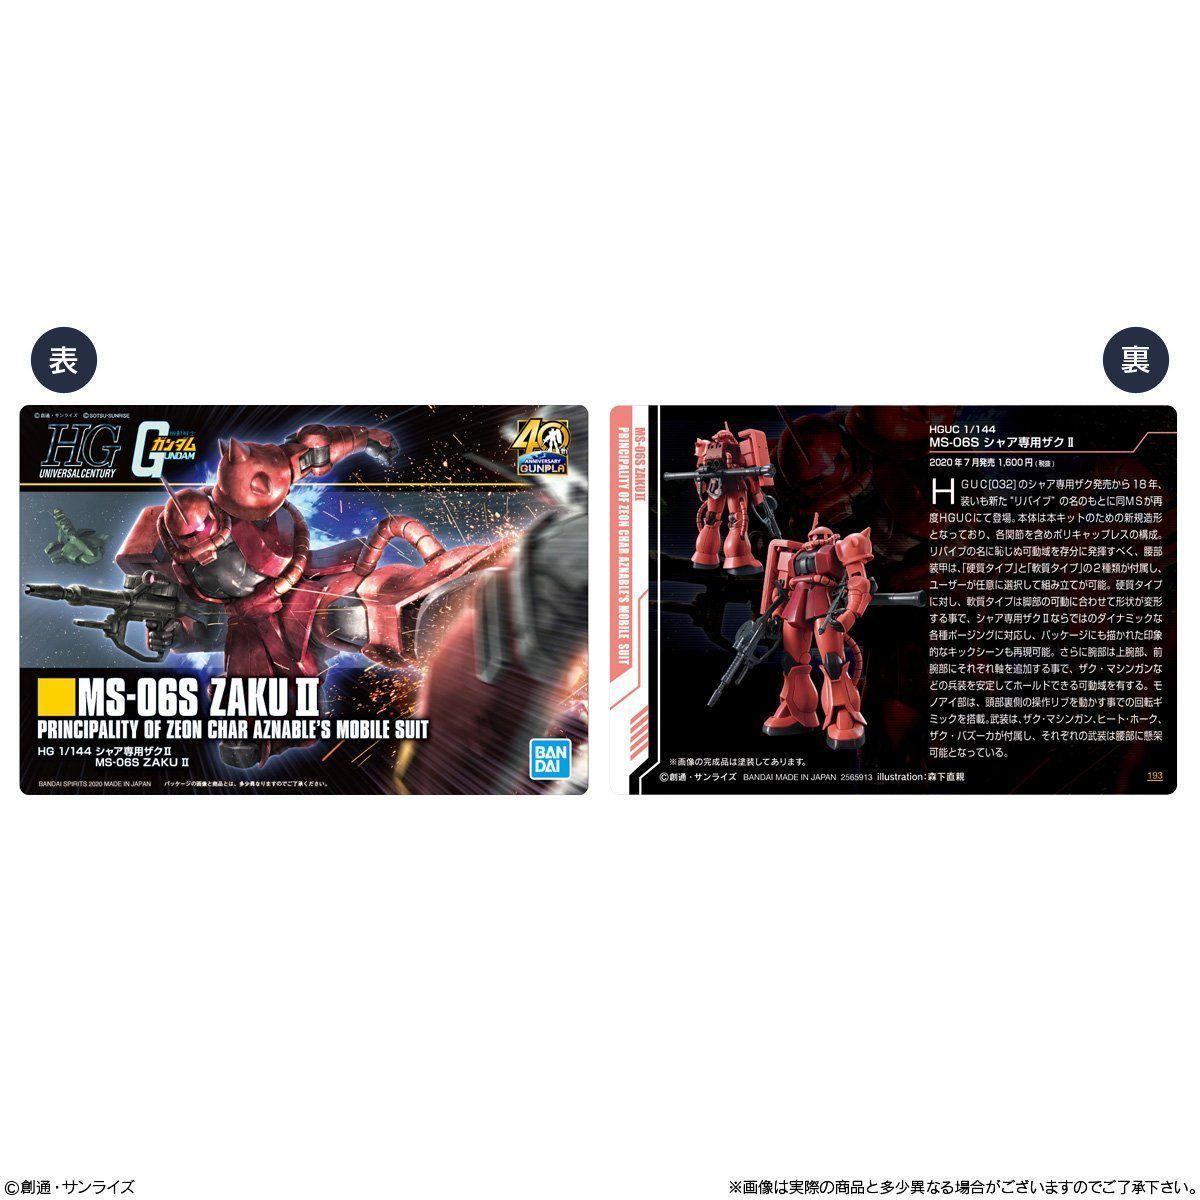 【食玩】『GUNDAMガンプラ パッケージアート コレクション チョコウエハース7』20個入りBOX-002